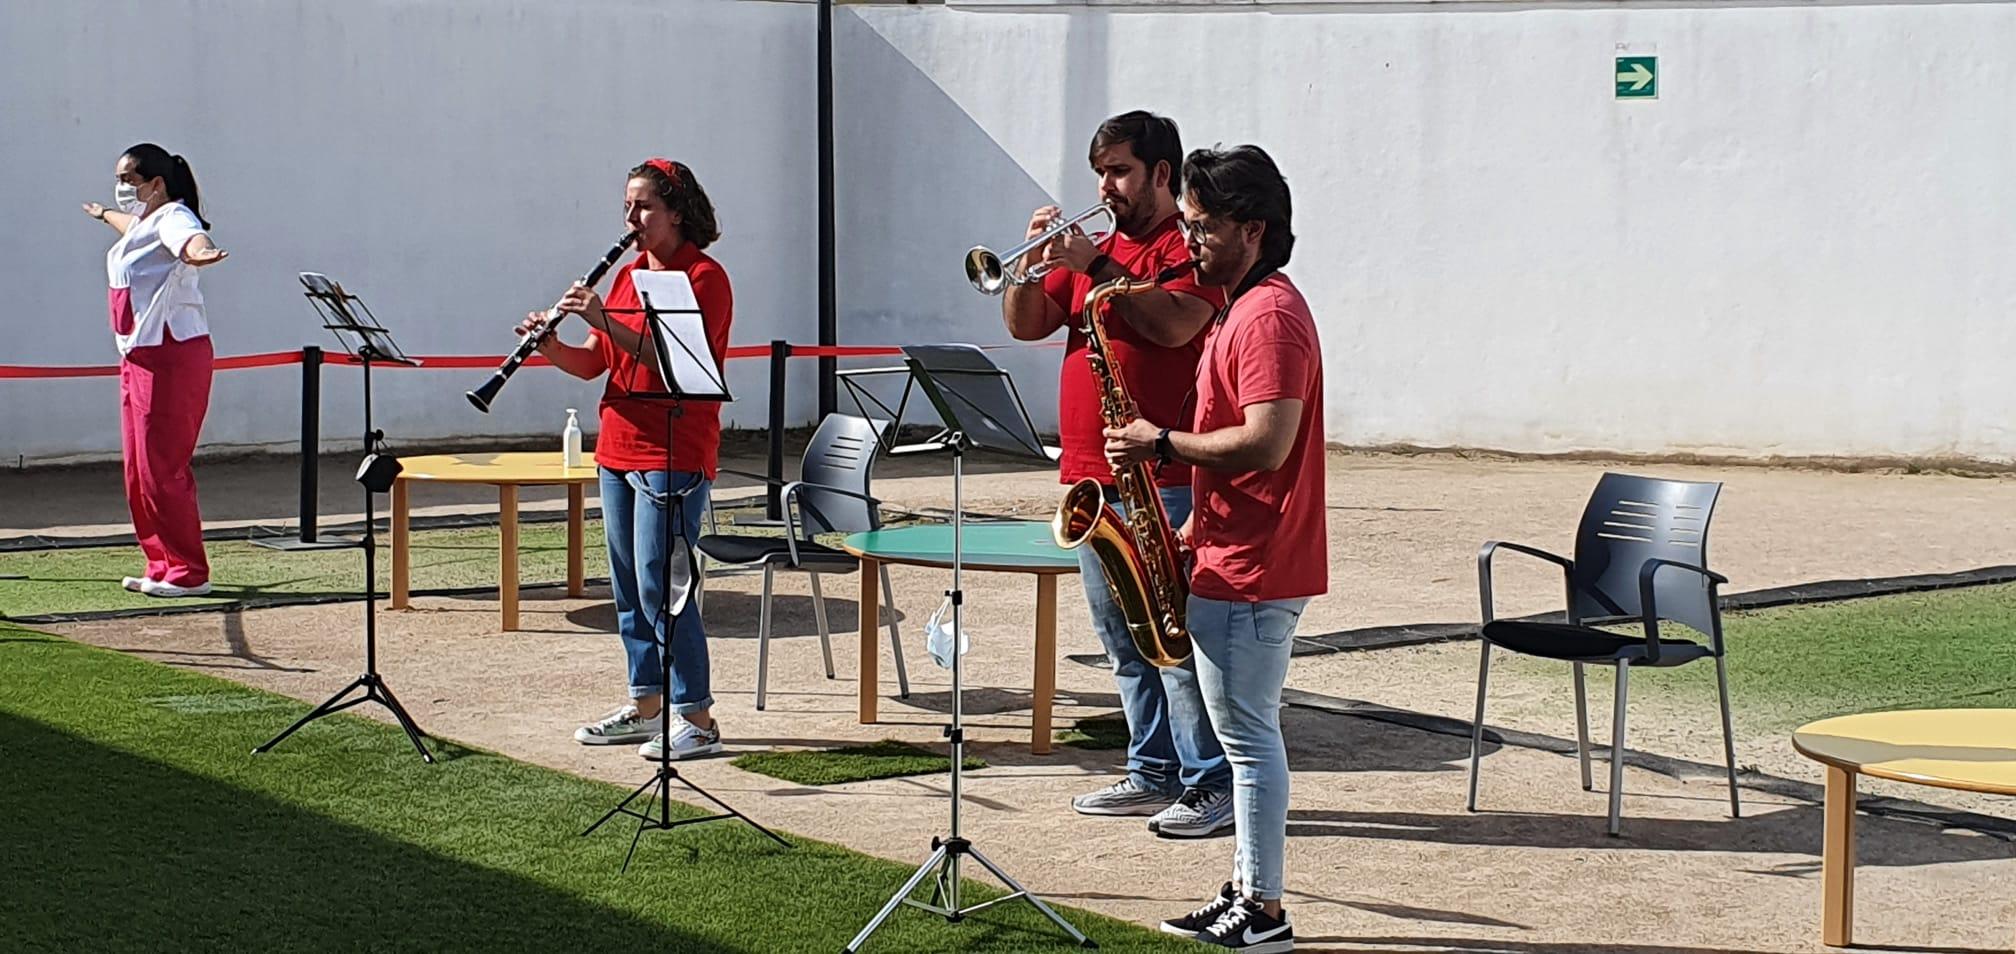 Cúllar Vega lleva el 'Cantajuegos', con música en directo, a las escuelas infantiles del municipio